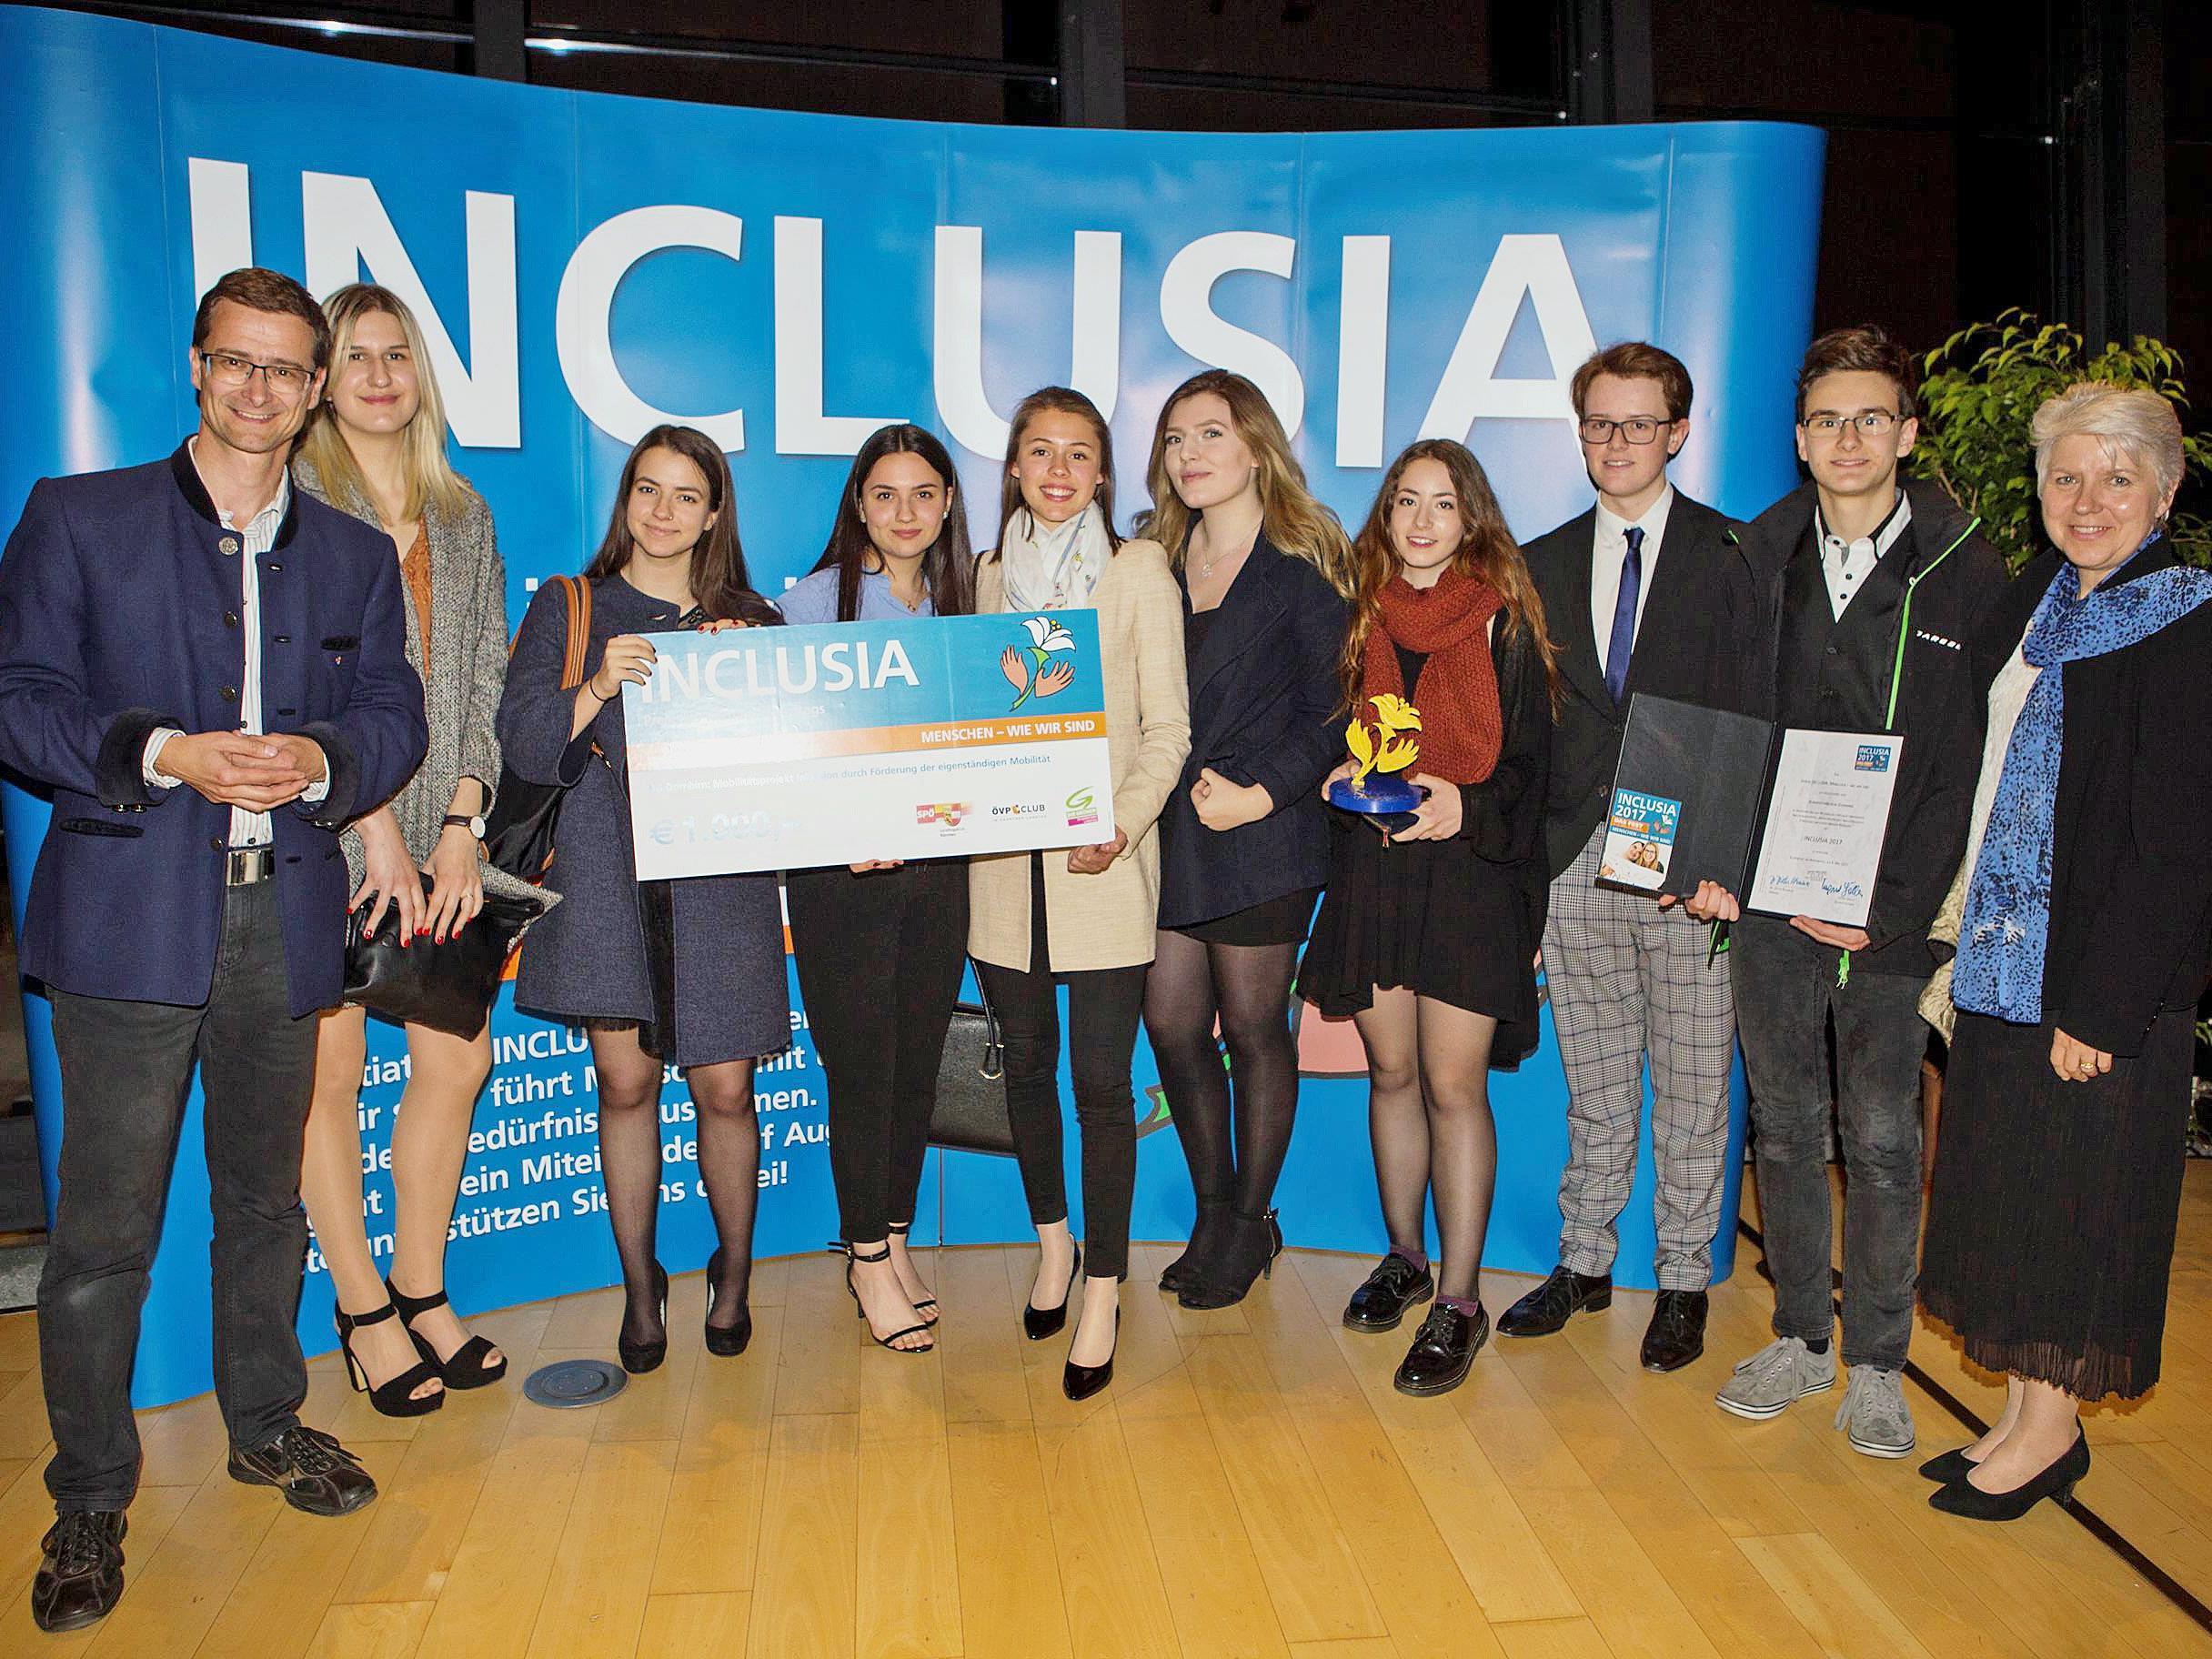 Die Schüler freuten sich mit Professorin Erika Schuster über die Auszeichnung für ihr Projekt.